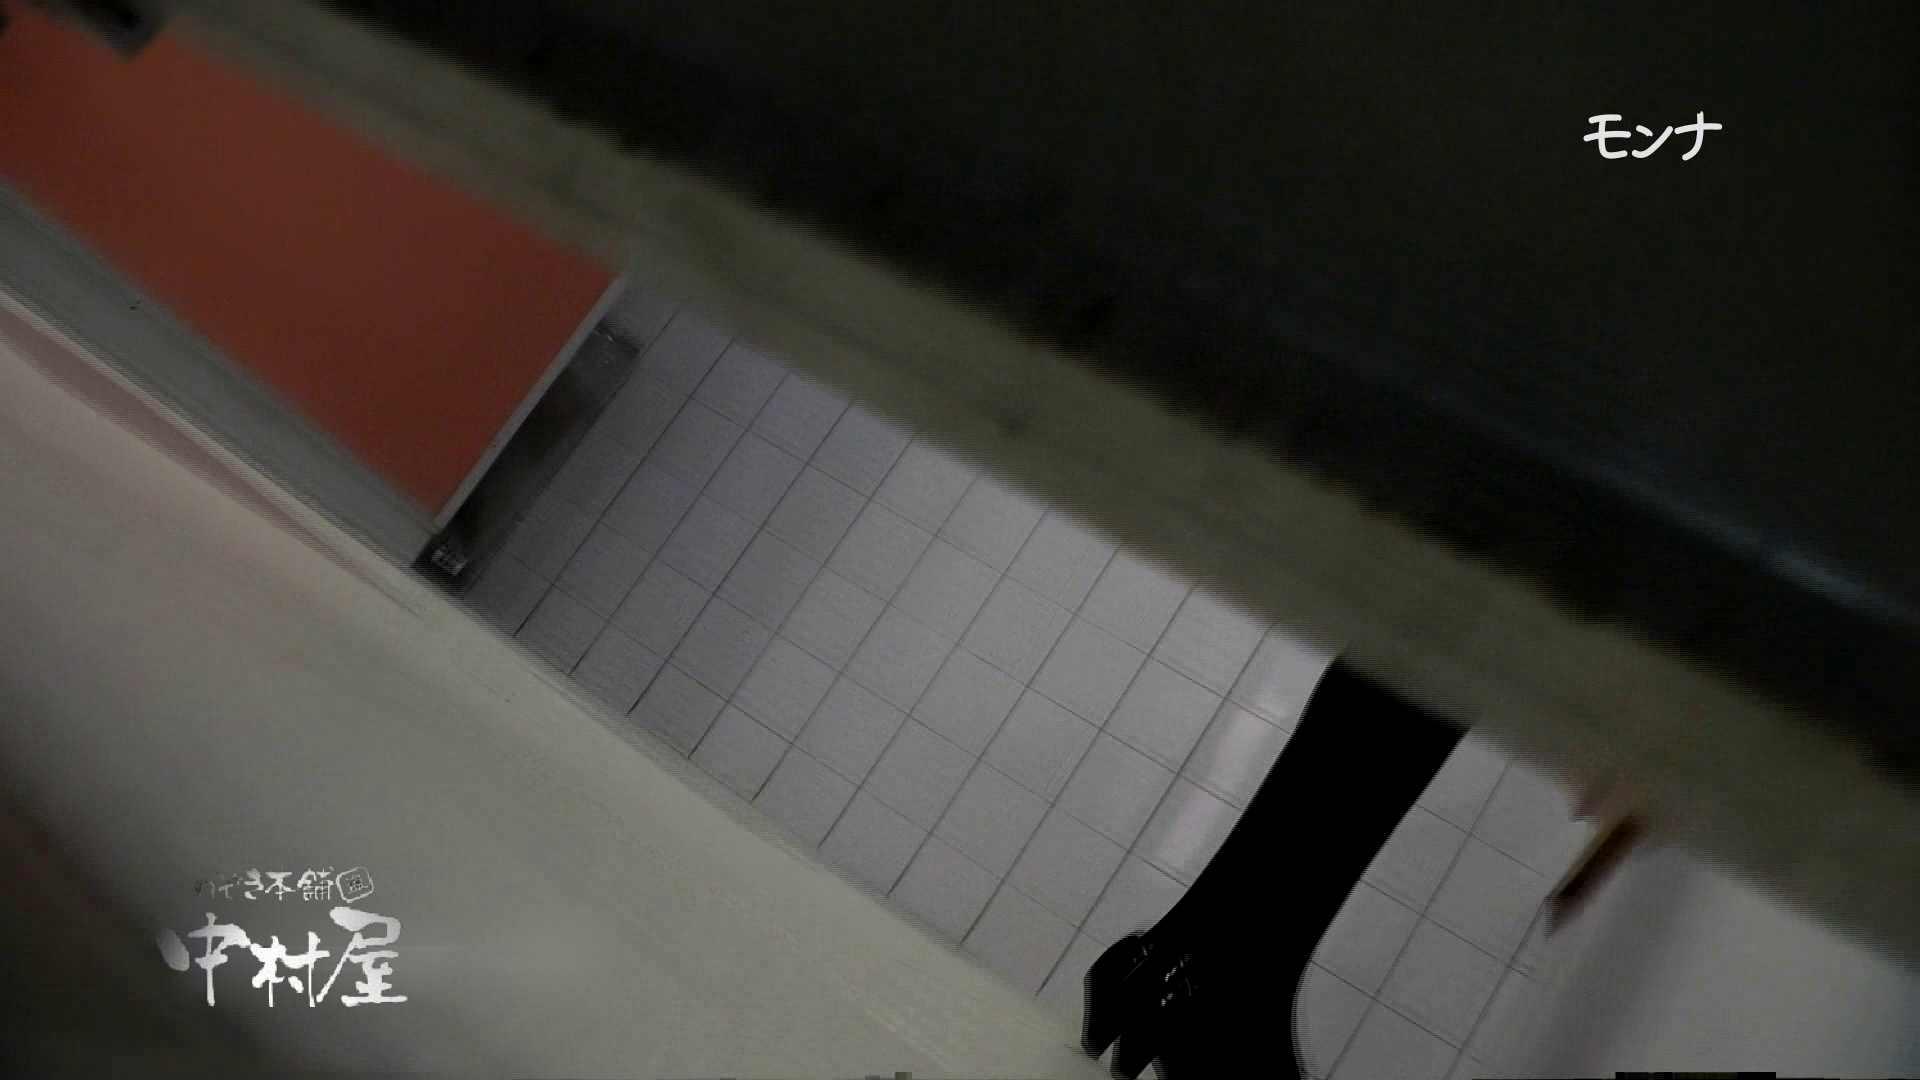 【美しい日本の未来】新学期!!下半身中心に攻めてます美女可愛い女子悪戯盗satuトイレ後編 女達の下半身  11枚 4